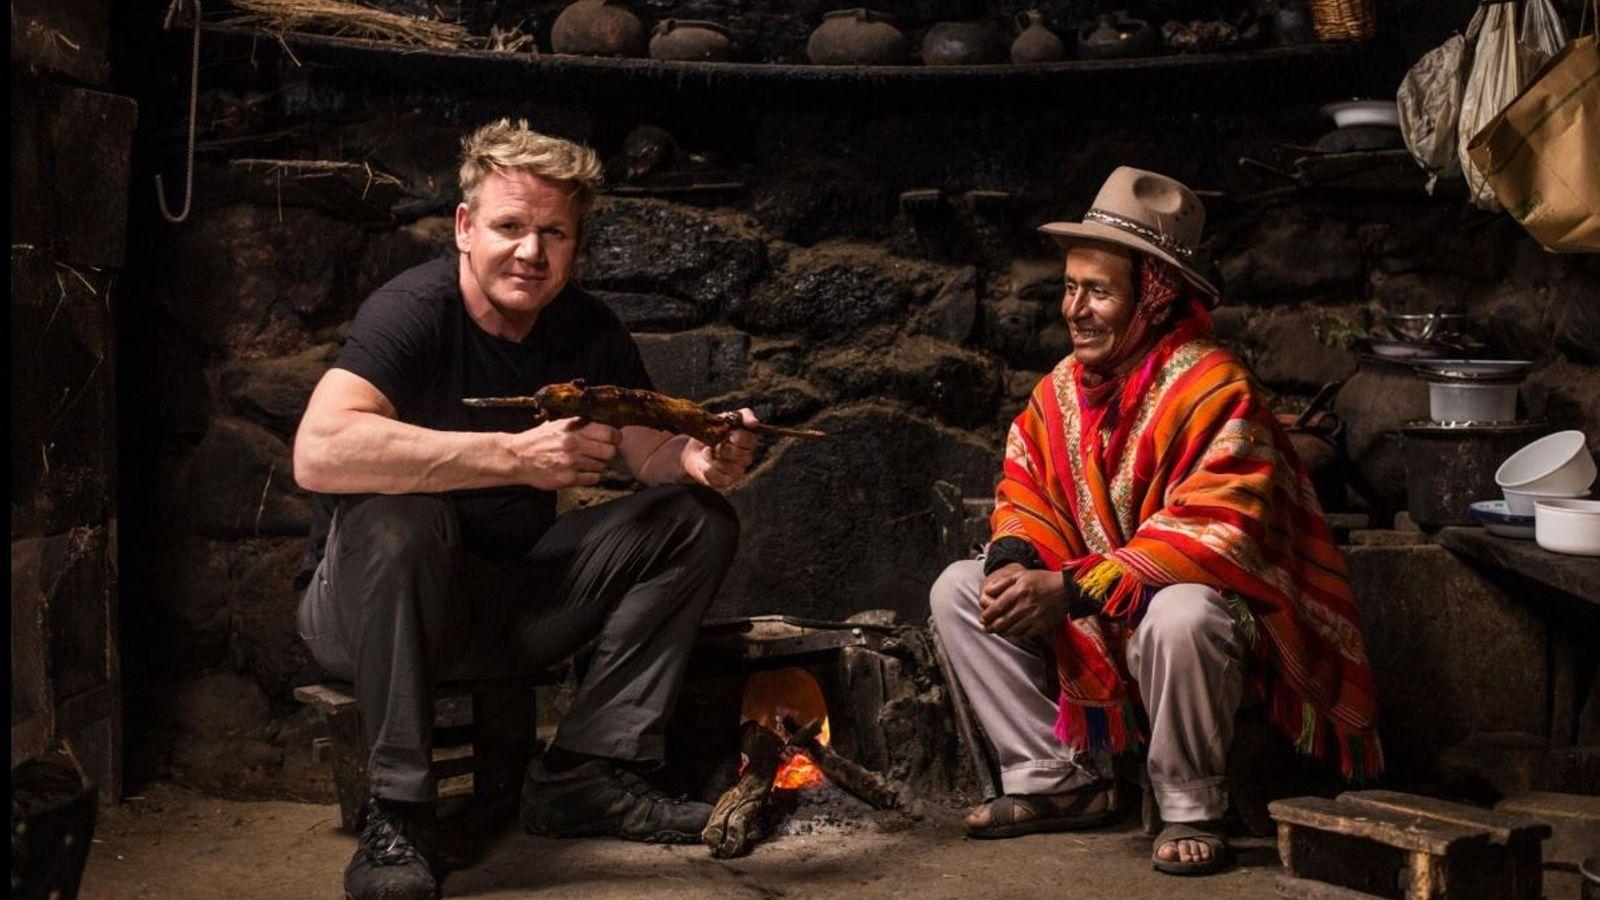 Gordon Ramsay ao lado de Mario, um agricultor local no Peru, antes de provar uma refeição ...